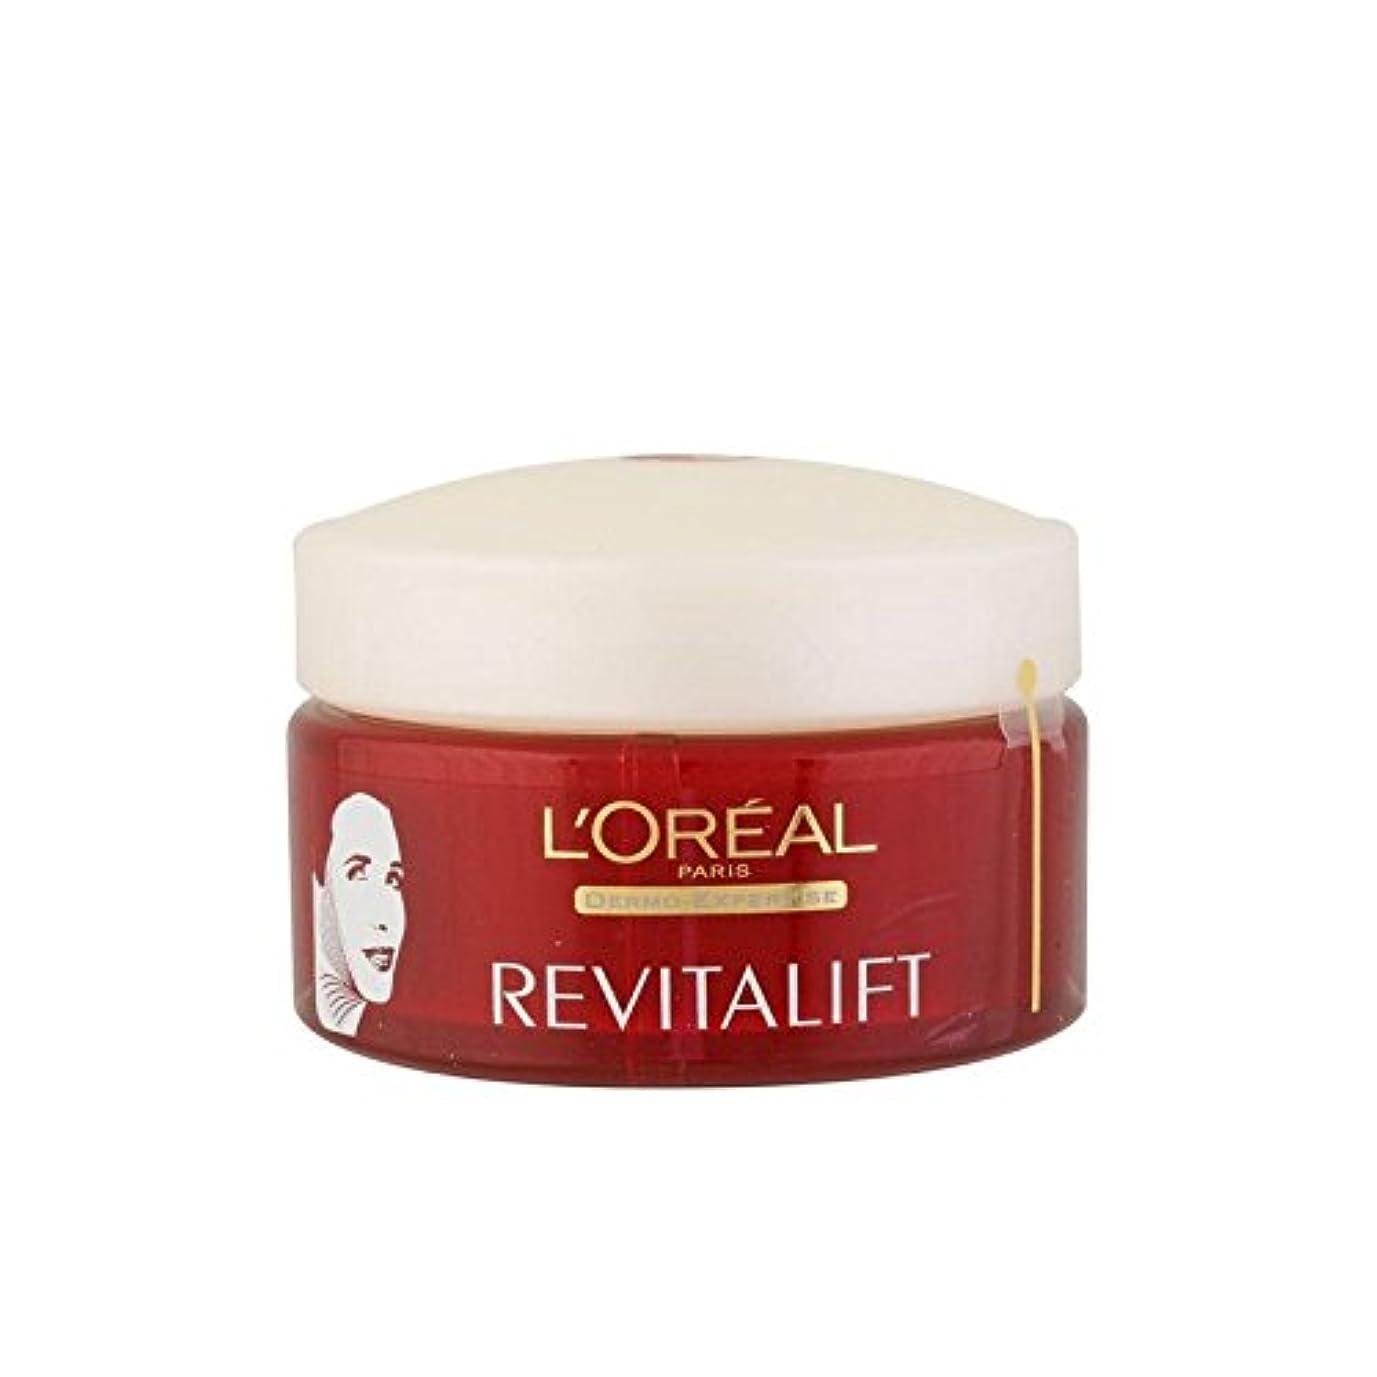 イソギンチャク取るキャビンロレアルパリ?ダーモ専門知識顔の輪郭や首の再サポートクリーム(50ミリリットル) x2 - L'Oreal Paris Dermo Expertise Revitalift Face Contours And Neck...